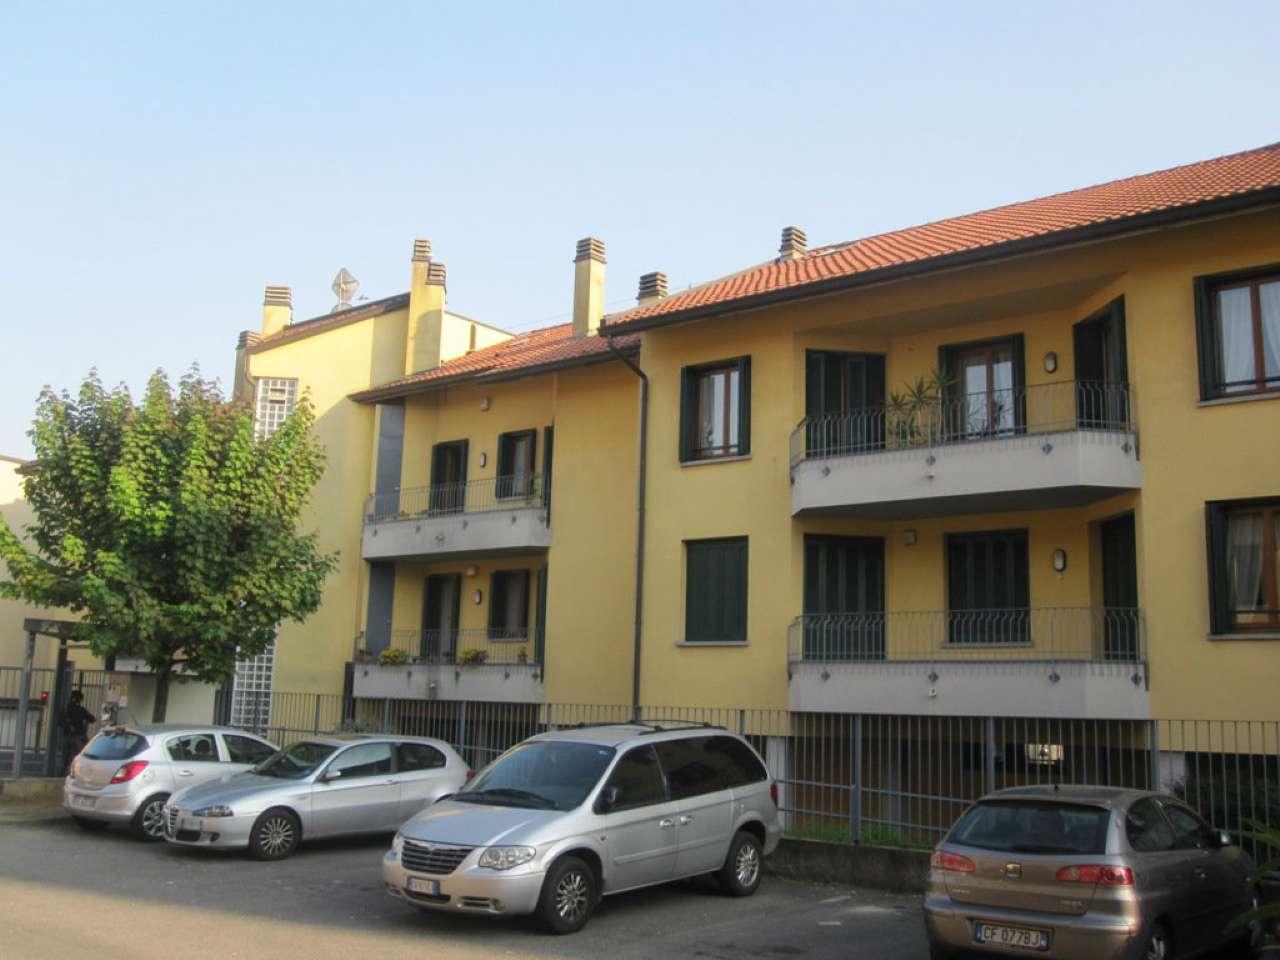 Ufficio / Studio in affitto a Desio, 4 locali, prezzo € 550 | CambioCasa.it